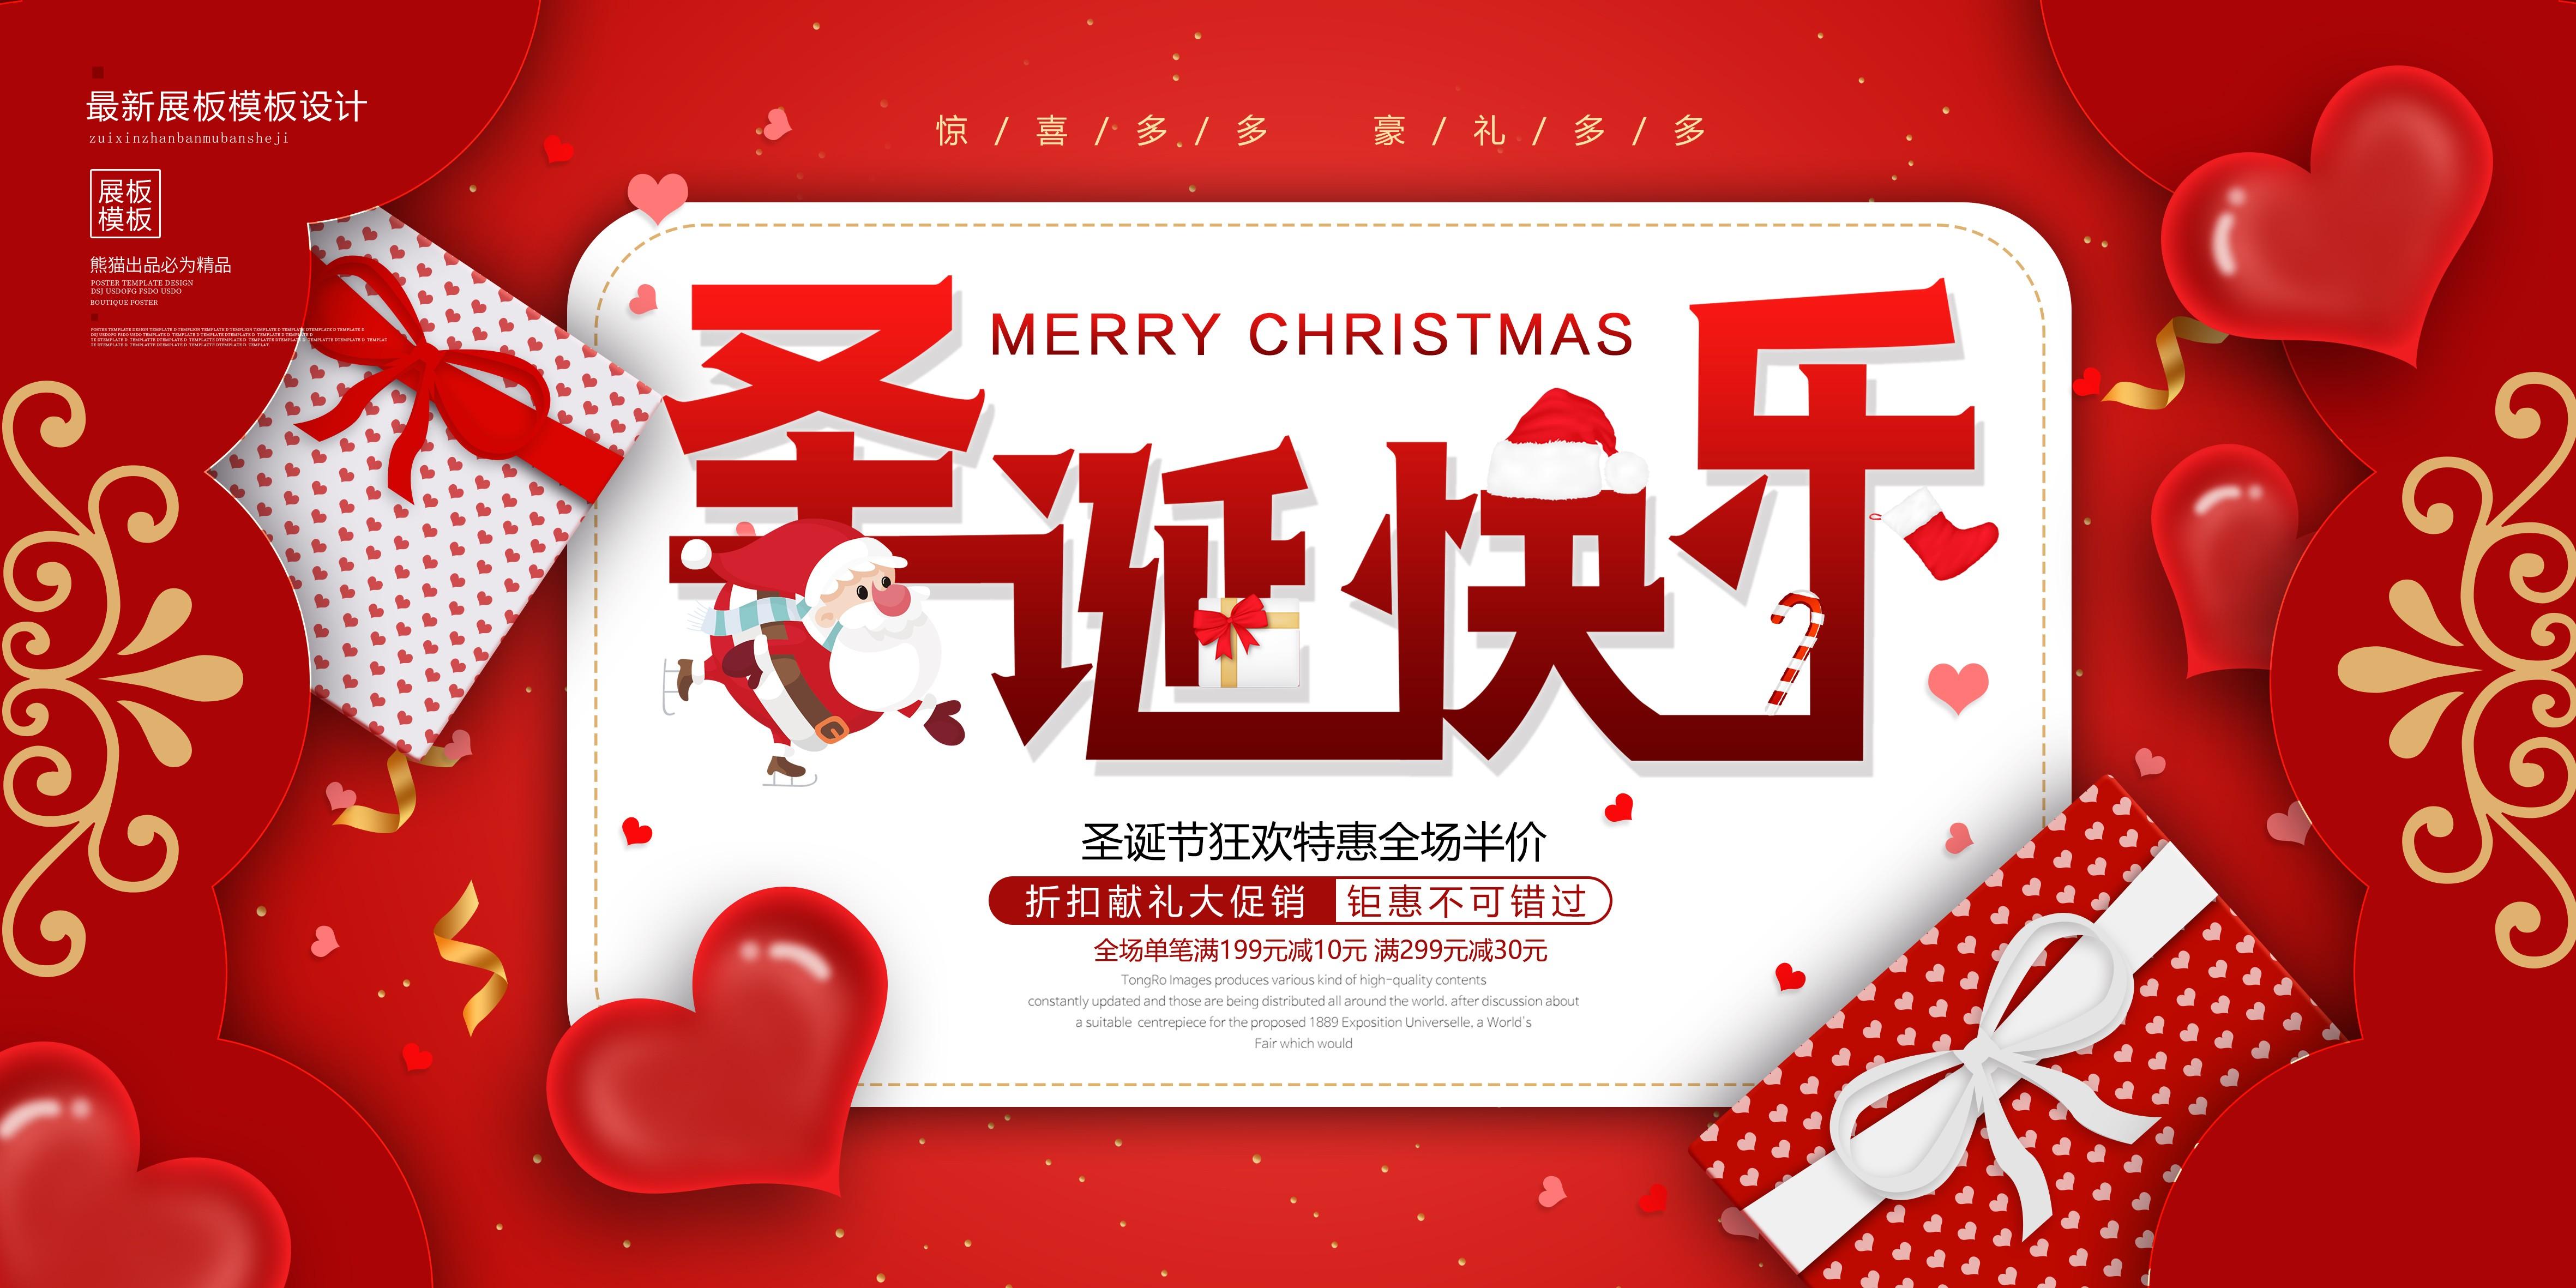 红色圣诞节礼盒展板圣诞元旦christmas